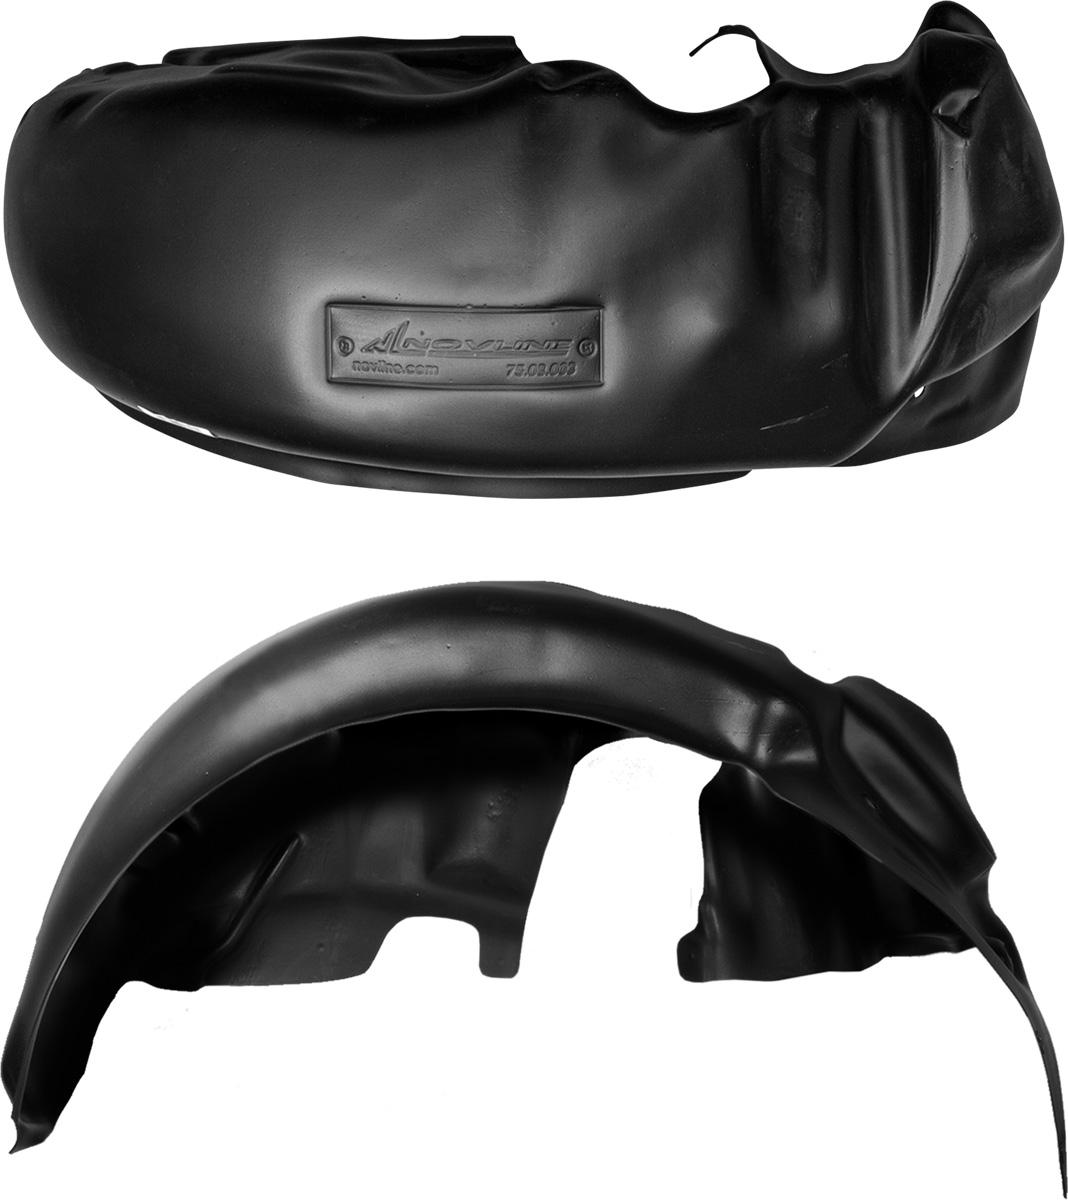 Подкрылок RENAULT Sandero, 01/2014->, задний левый2706 (ПО)Колесные ниши – одни из самых уязвимых зон днища вашего автомобиля. Они постоянно подвергаются воздействию со стороны дороги. Лучшая, почти абсолютная защита для них - специально отформованные пластиковые кожухи, которые называются подкрылками, или локерами. Производятся они как для отечественных моделей автомобилей, так и для иномарок. Подкрылки выполнены из высококачественного, экологически чистого пластика. Обеспечивают надежную защиту кузова автомобиля от пескоструйного эффекта и негативного влияния, агрессивных антигололедных реагентов. Пластик обладает более низкой теплопроводностью, чем металл, поэтому в зимний период эксплуатации использование пластиковых подкрылков позволяет лучше защитить колесные ниши от налипания снега и образования наледи. Оригинальность конструкции подчеркивает элегантность автомобиля, бережно защищает нанесенное на днище кузова антикоррозийное покрытие и позволяет осуществить крепление подкрылков внутри колесной арки практически без дополнительного крепежа и сверления, не нарушая при этом лакокрасочного покрытия, что предотвращает возникновение новых очагов коррозии. Технология крепления подкрылков на иномарки принципиально отличается от крепления на российские автомобили и разрабатывается индивидуально для каждой модели автомобиля. Подкрылки долговечны, обладают высокой прочностью и сохраняют заданную форму, а также все свои физико-механические характеристики в самых тяжелых климатических условиях ( от -50° С до + 50° С).